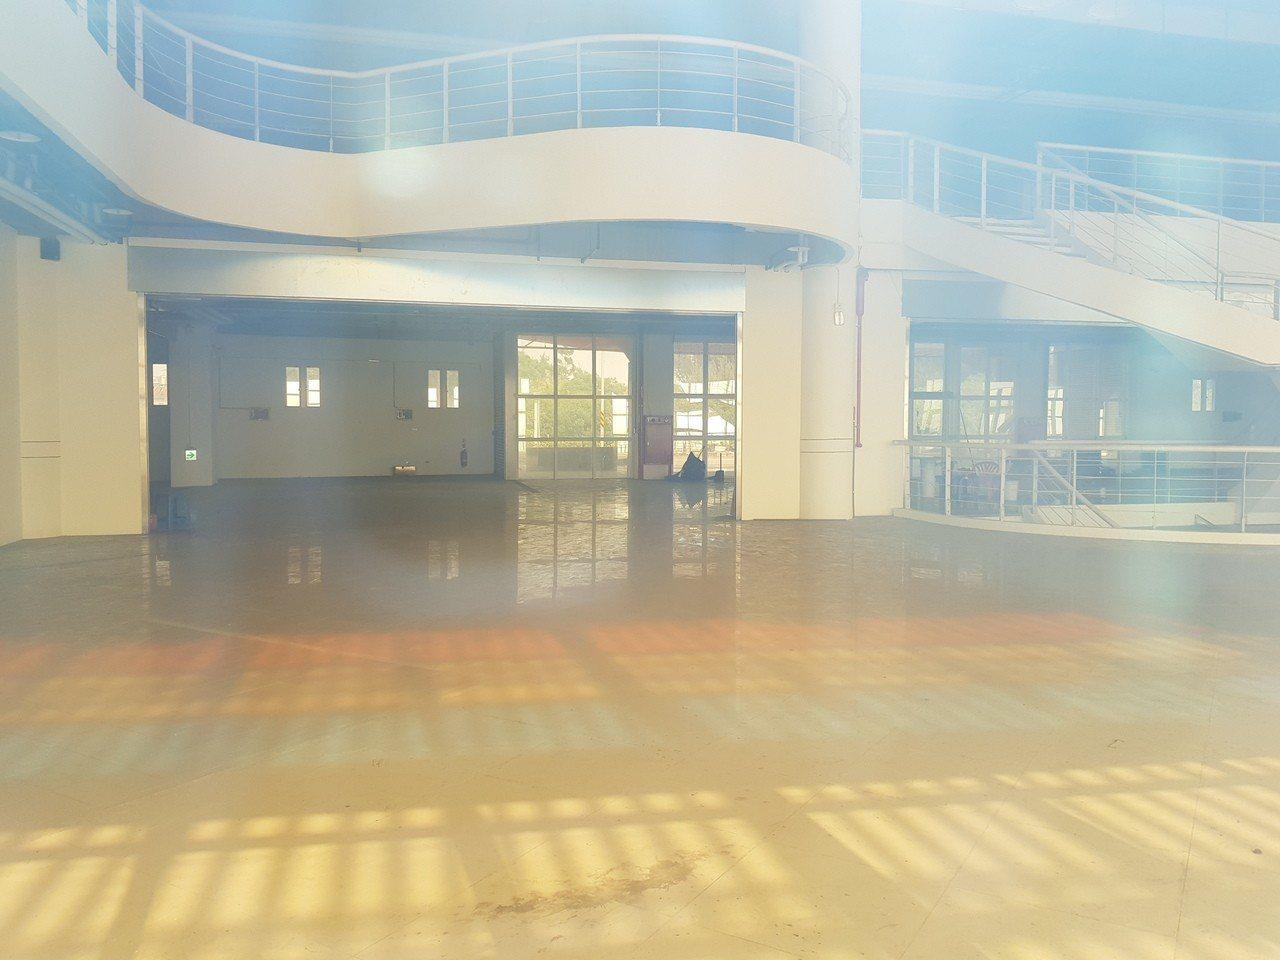 台南市南區黃金海岸船屋內部至今空無一物,5月根本無法展開營運。 記者修瑞瑩/攝影